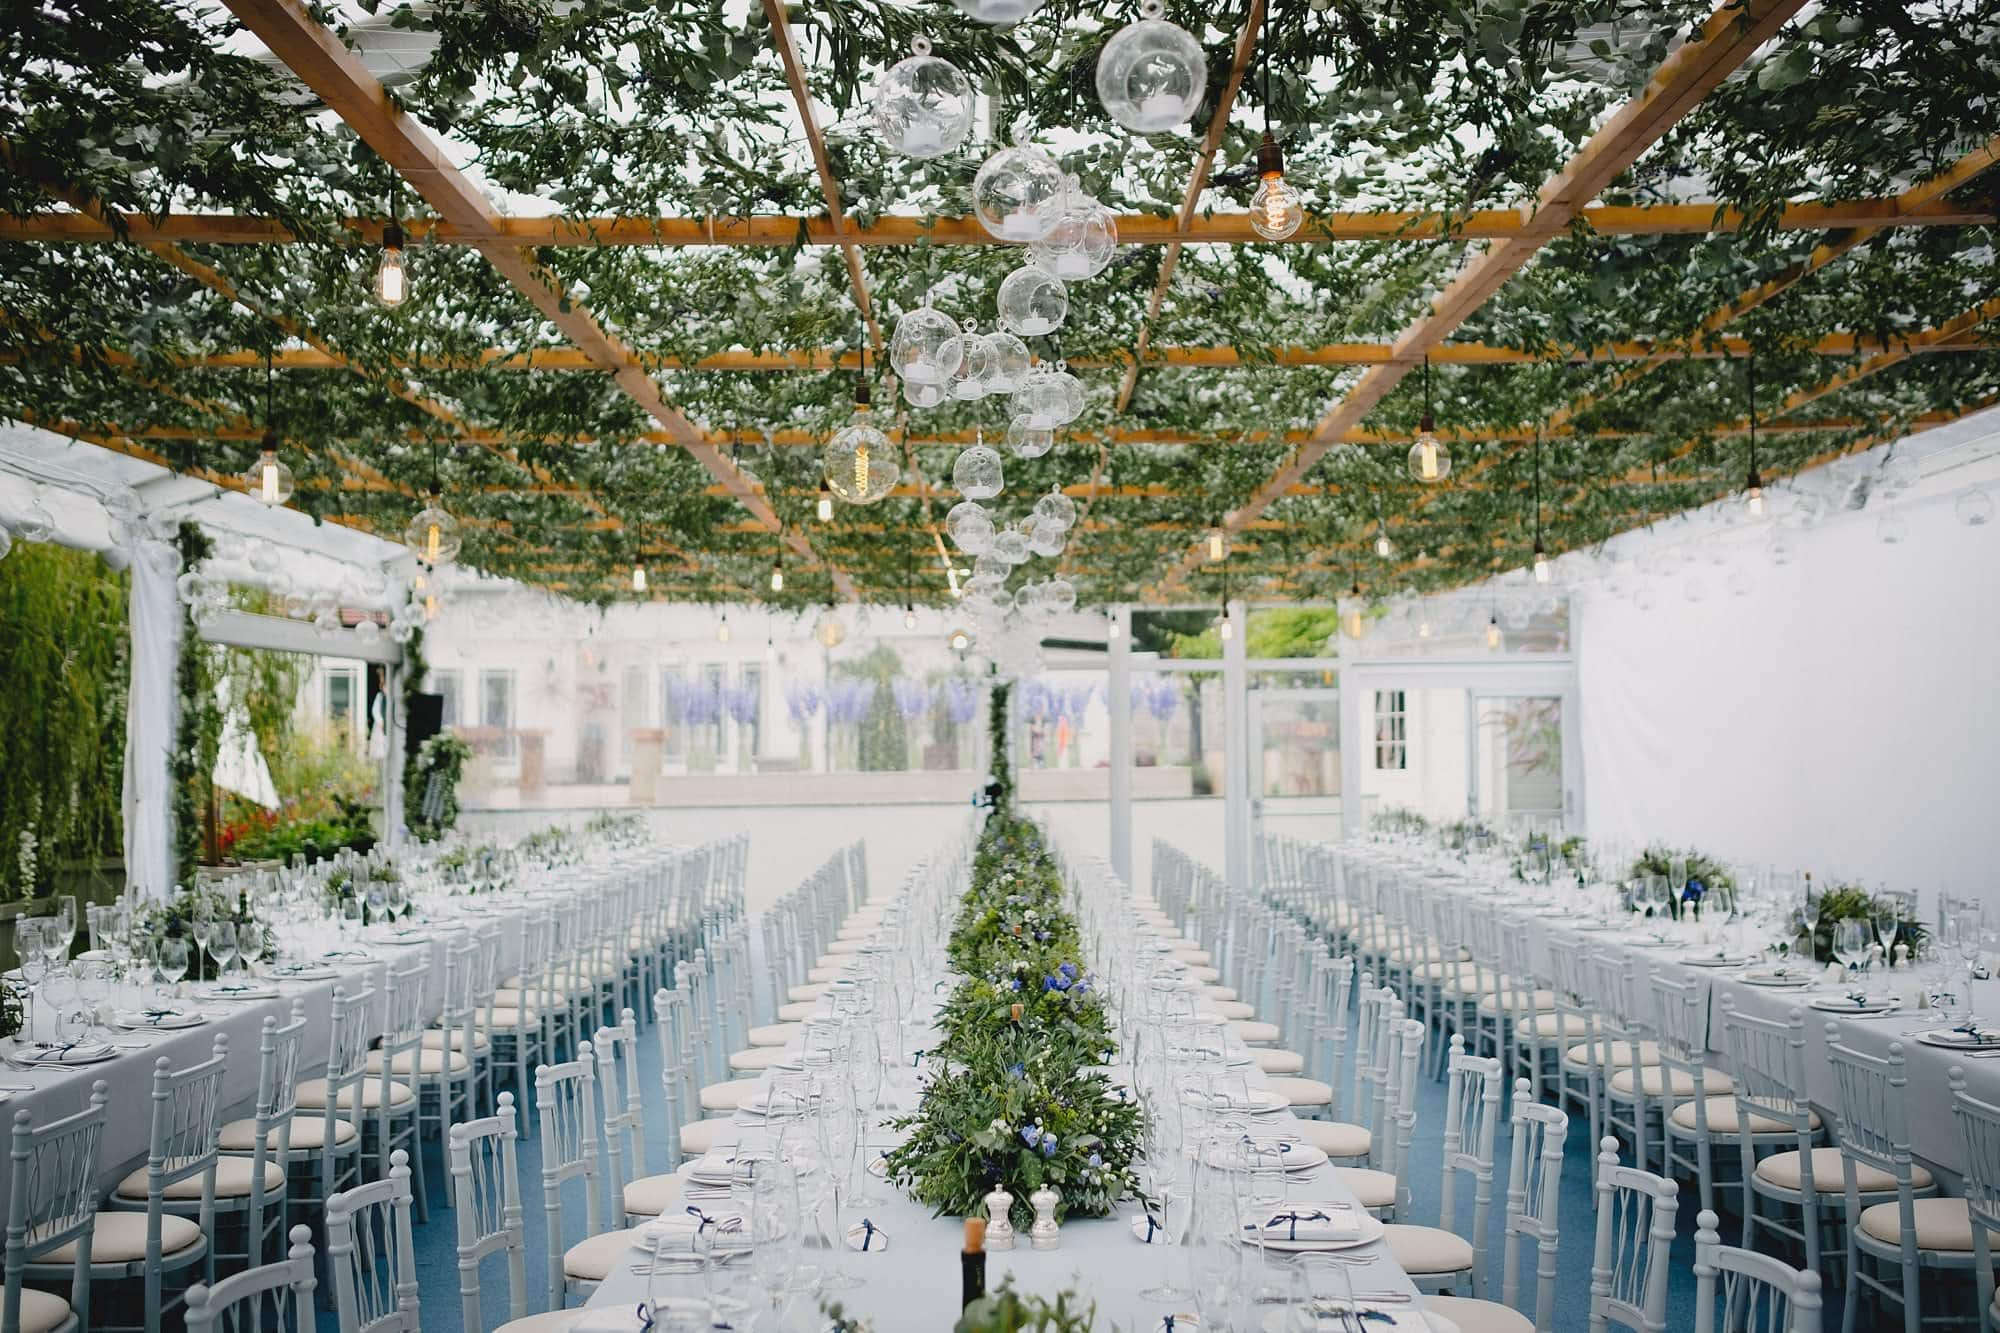 ashtead london wedding photographer 052 - Rachel & Jonny's Ashtead Wedding